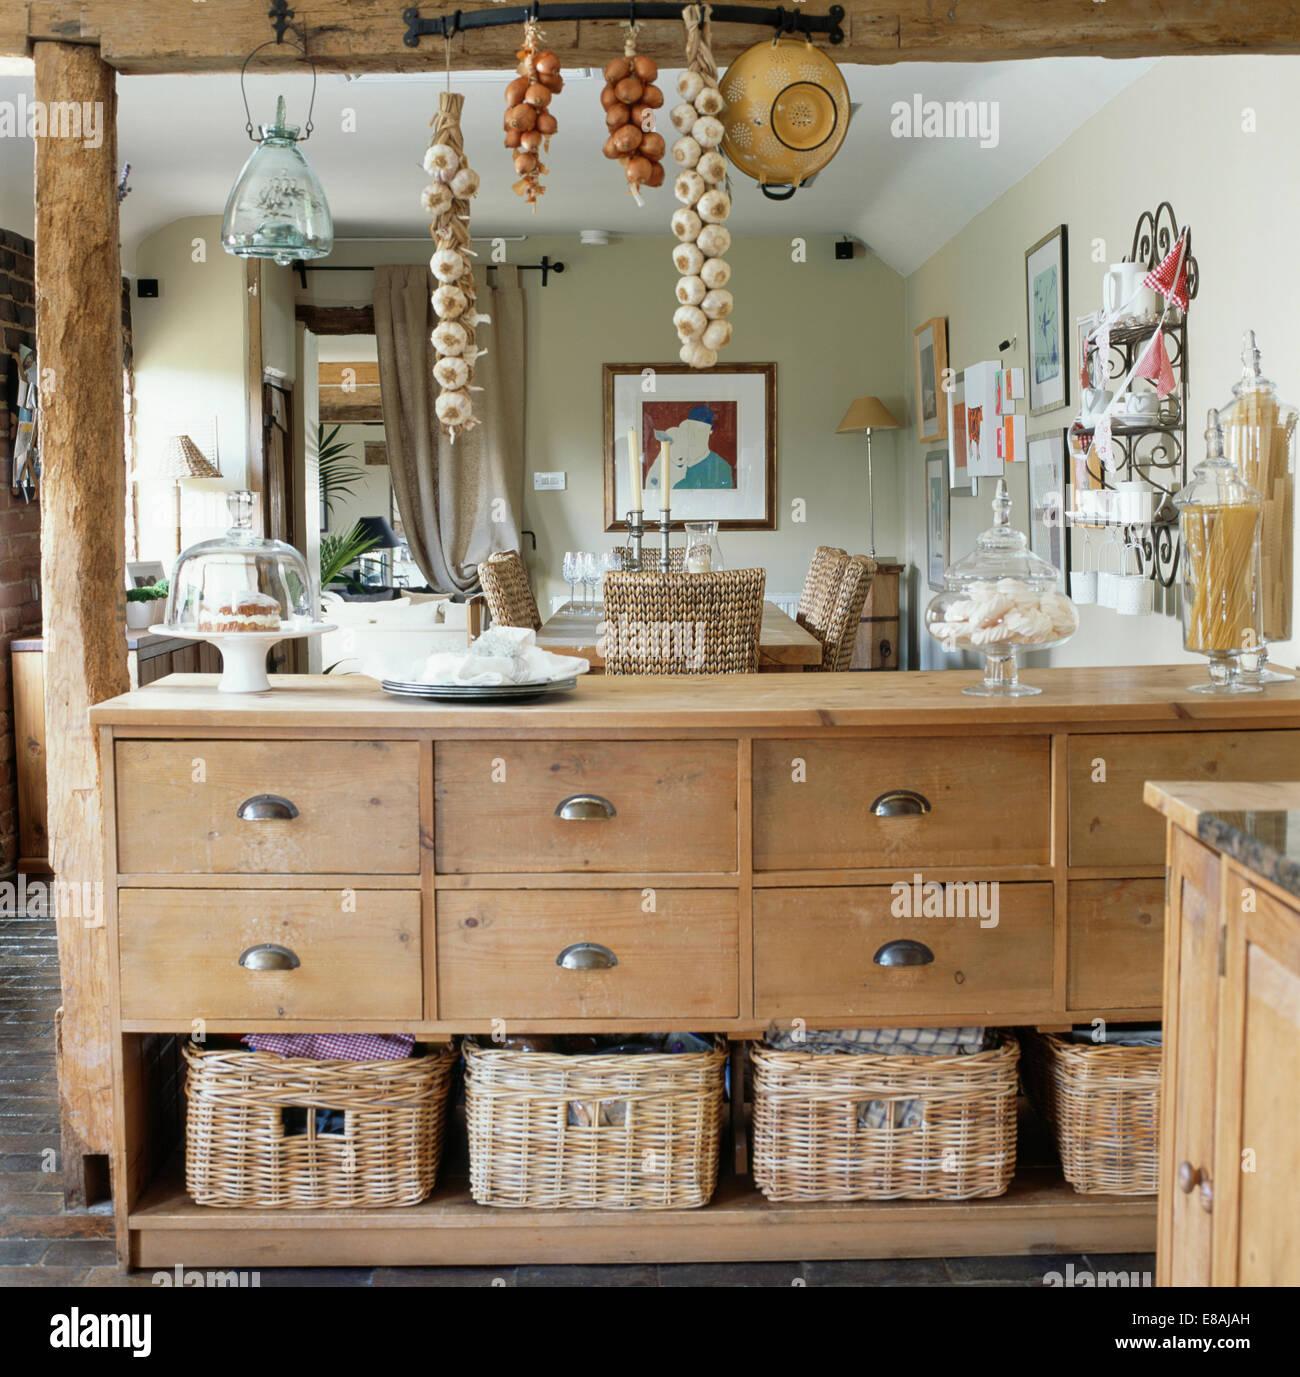 Verzauberkunst Esszimmer Schrank Sammlung Von Aufbewahrung Körbe Auf Alten Kiefer Teilung Cottage-küche